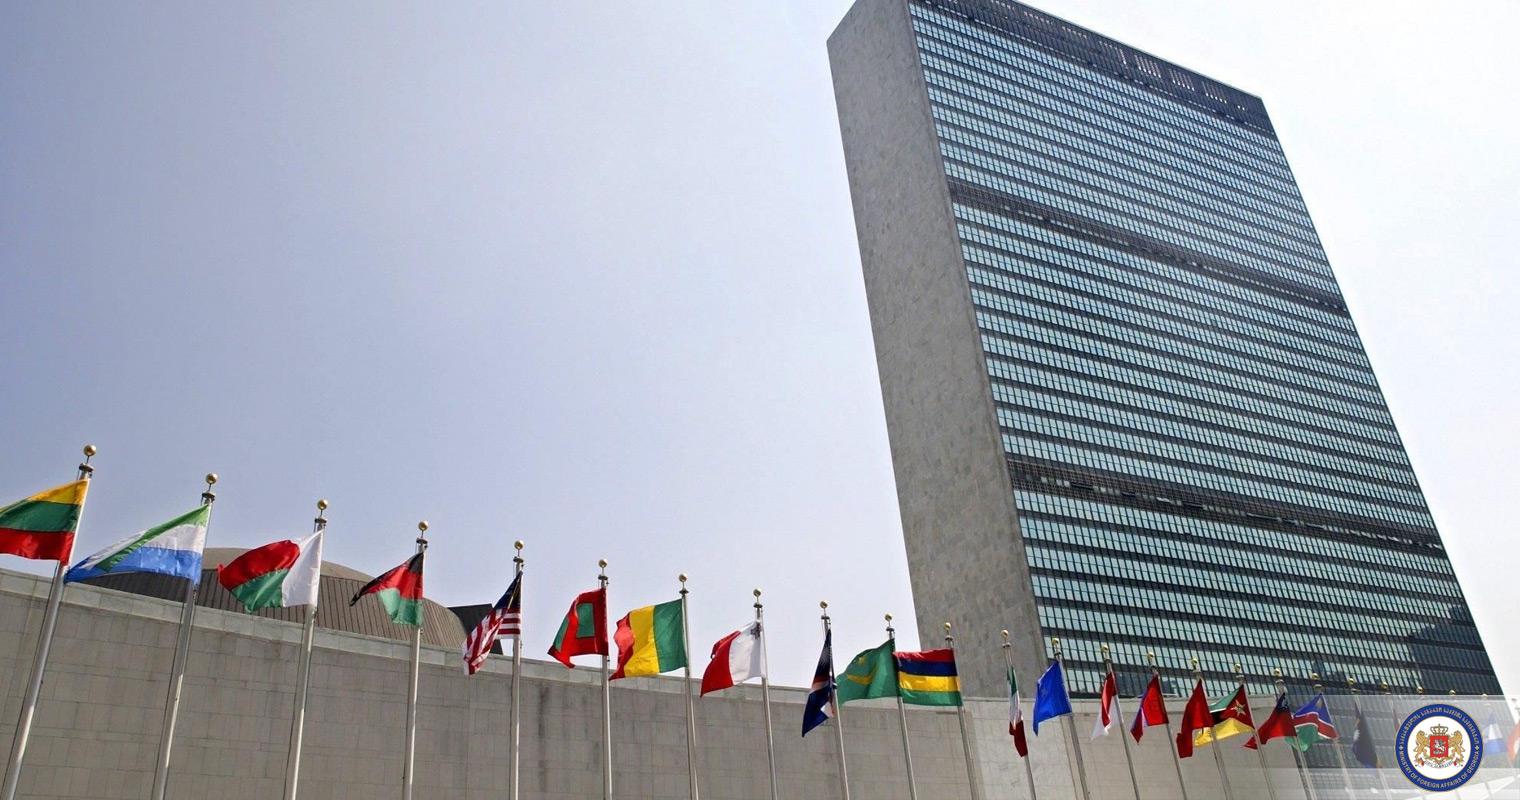 UN New York #новости август 2008, августовская война, ООН